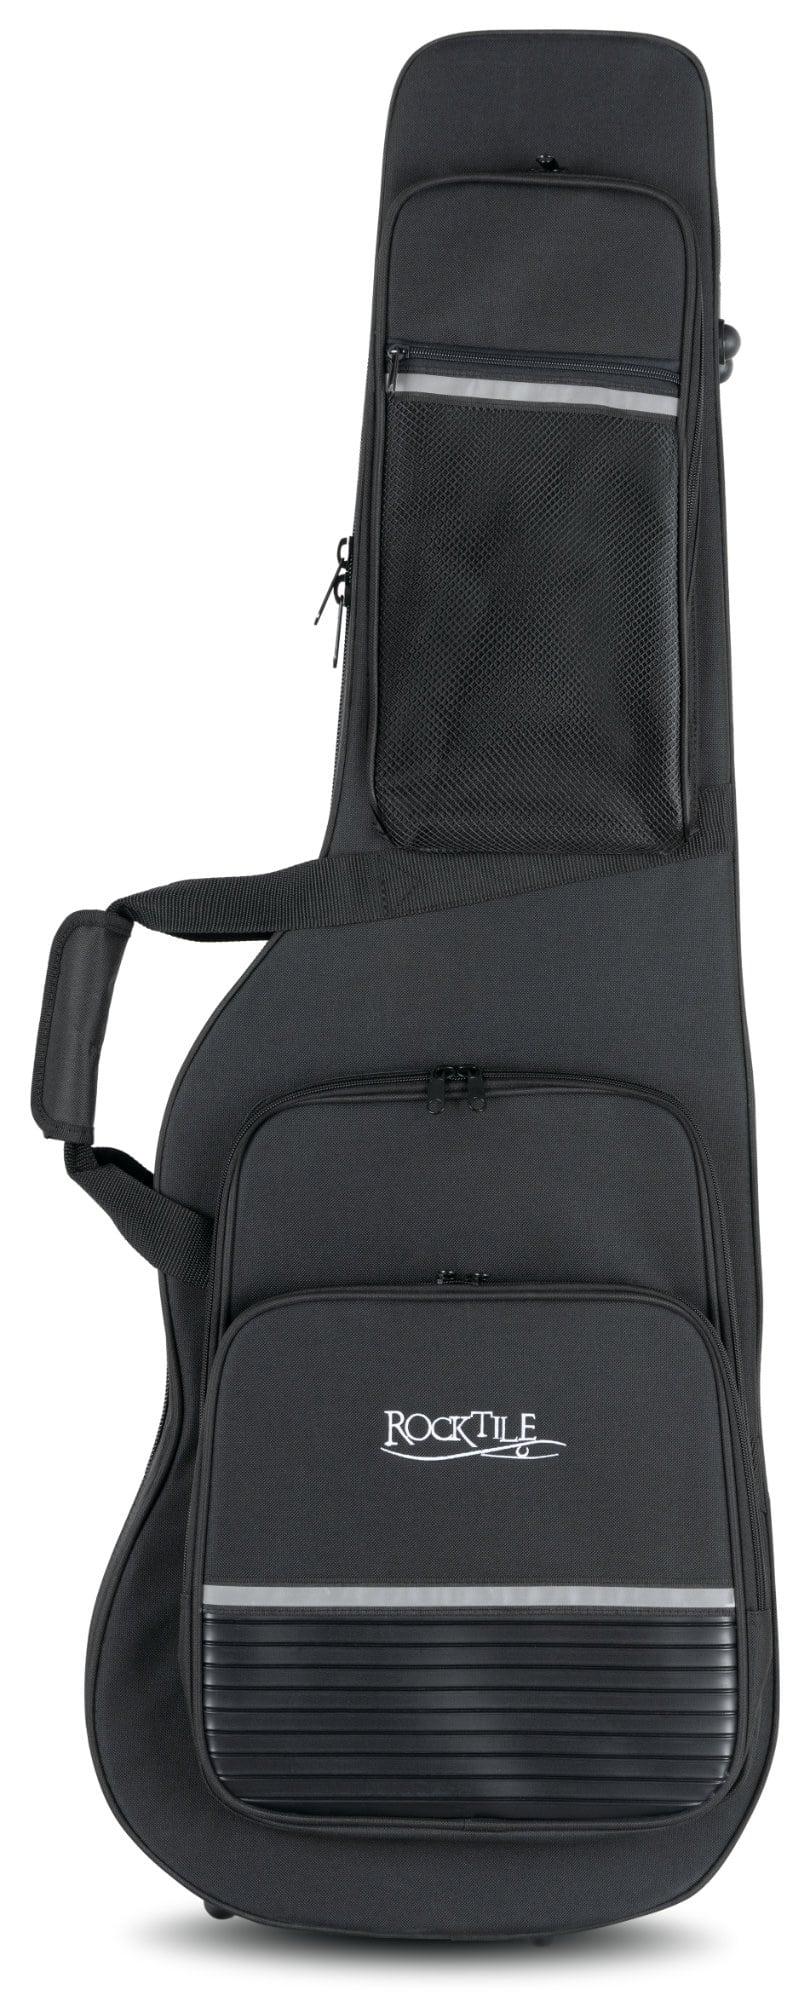 Rocktile Gig Bag Case Lightweight for 4//4-Sized Electric Guitars BlackRocktile Gig Bag Case Lightweight for 4//4-Sized Electric Guitars Black